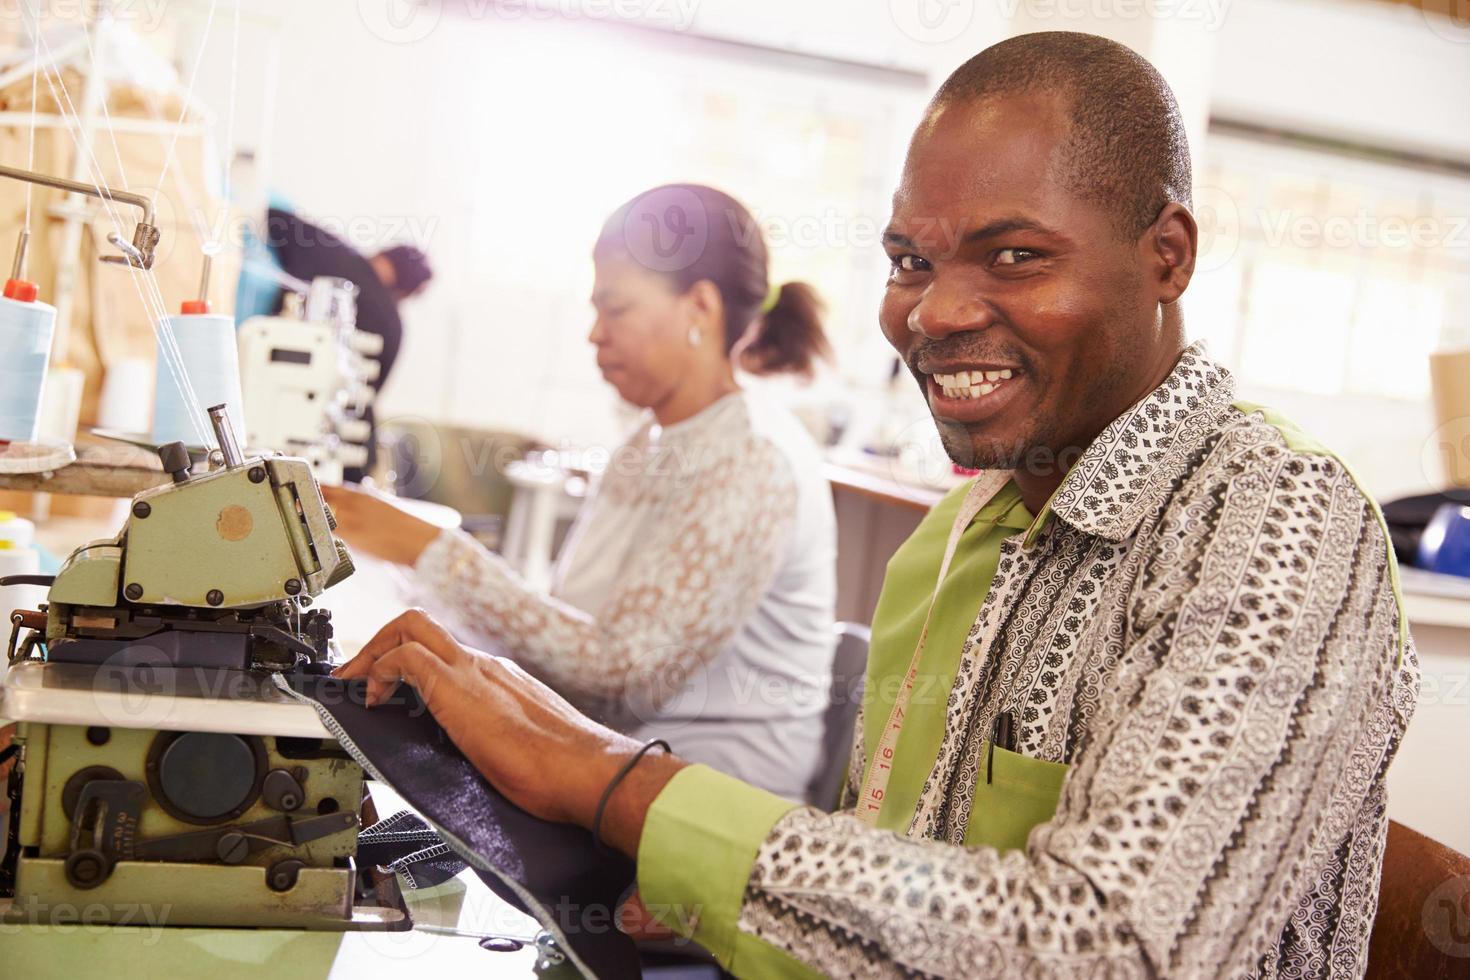 homem sorridente costura em uma oficina comunitária, África do Sul foto